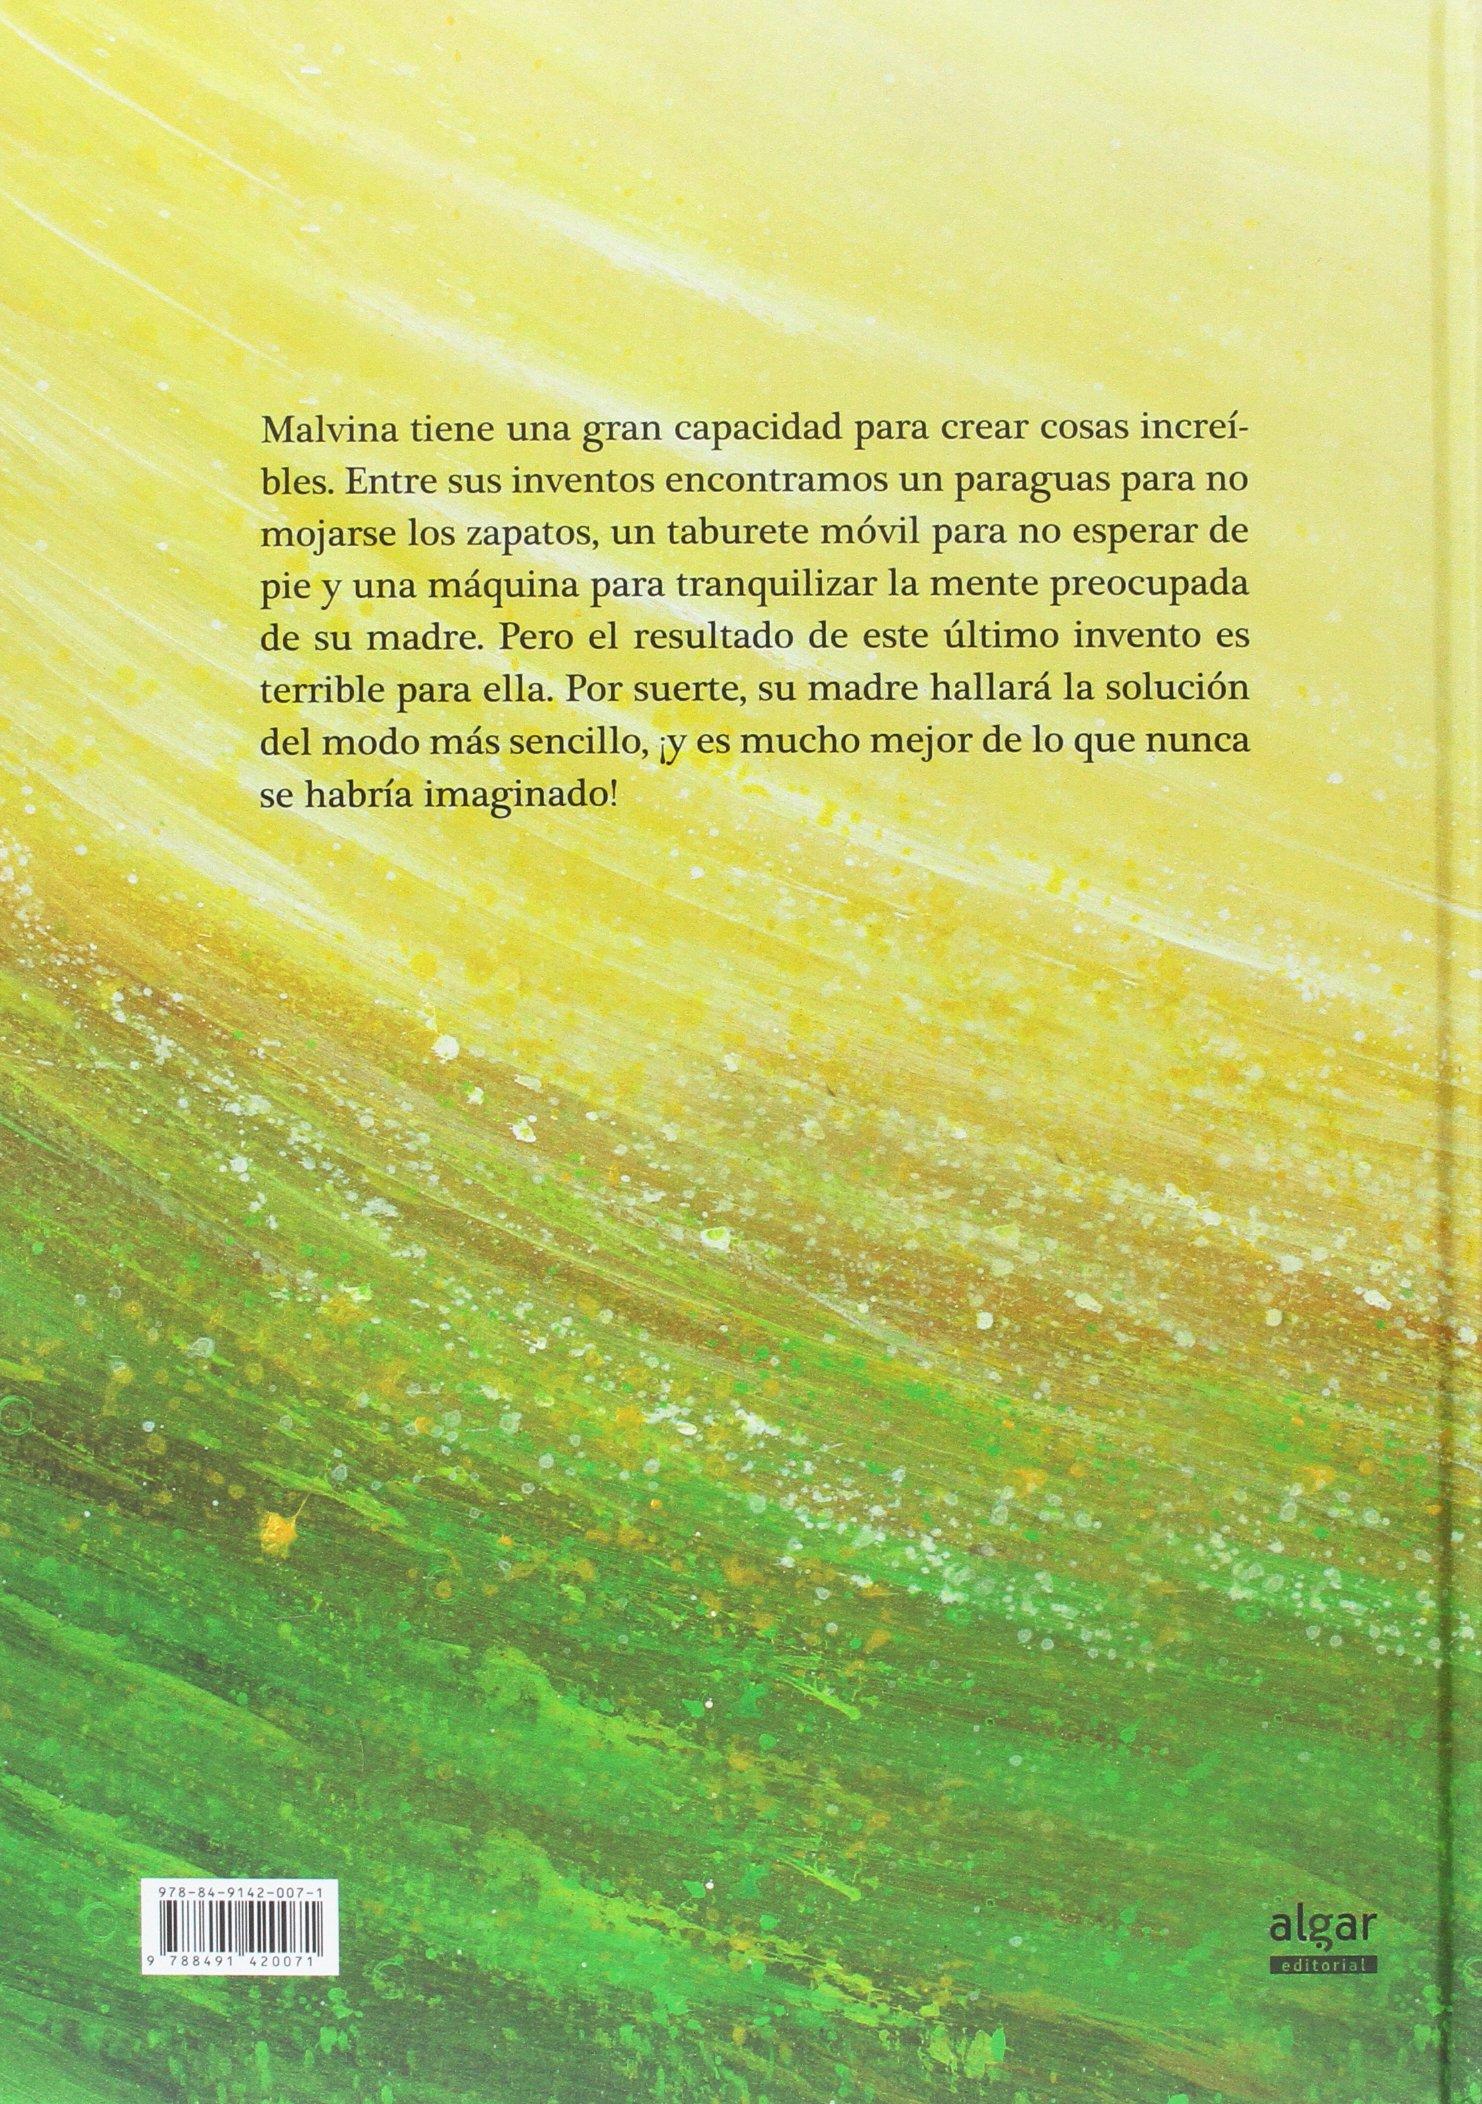 Los inventos de malvina (Álbumes ilustrados): Amazon.es: André Neves: Libros